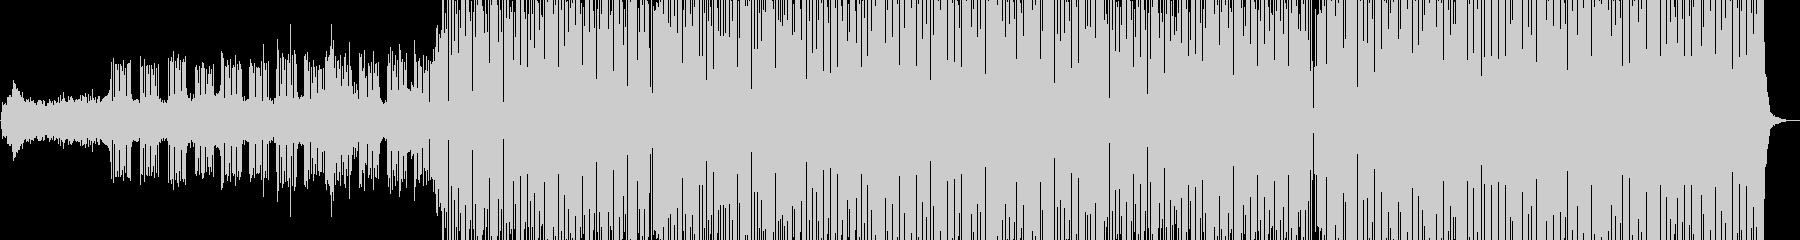 プログレッシブ。クラシック音楽とダ...の未再生の波形